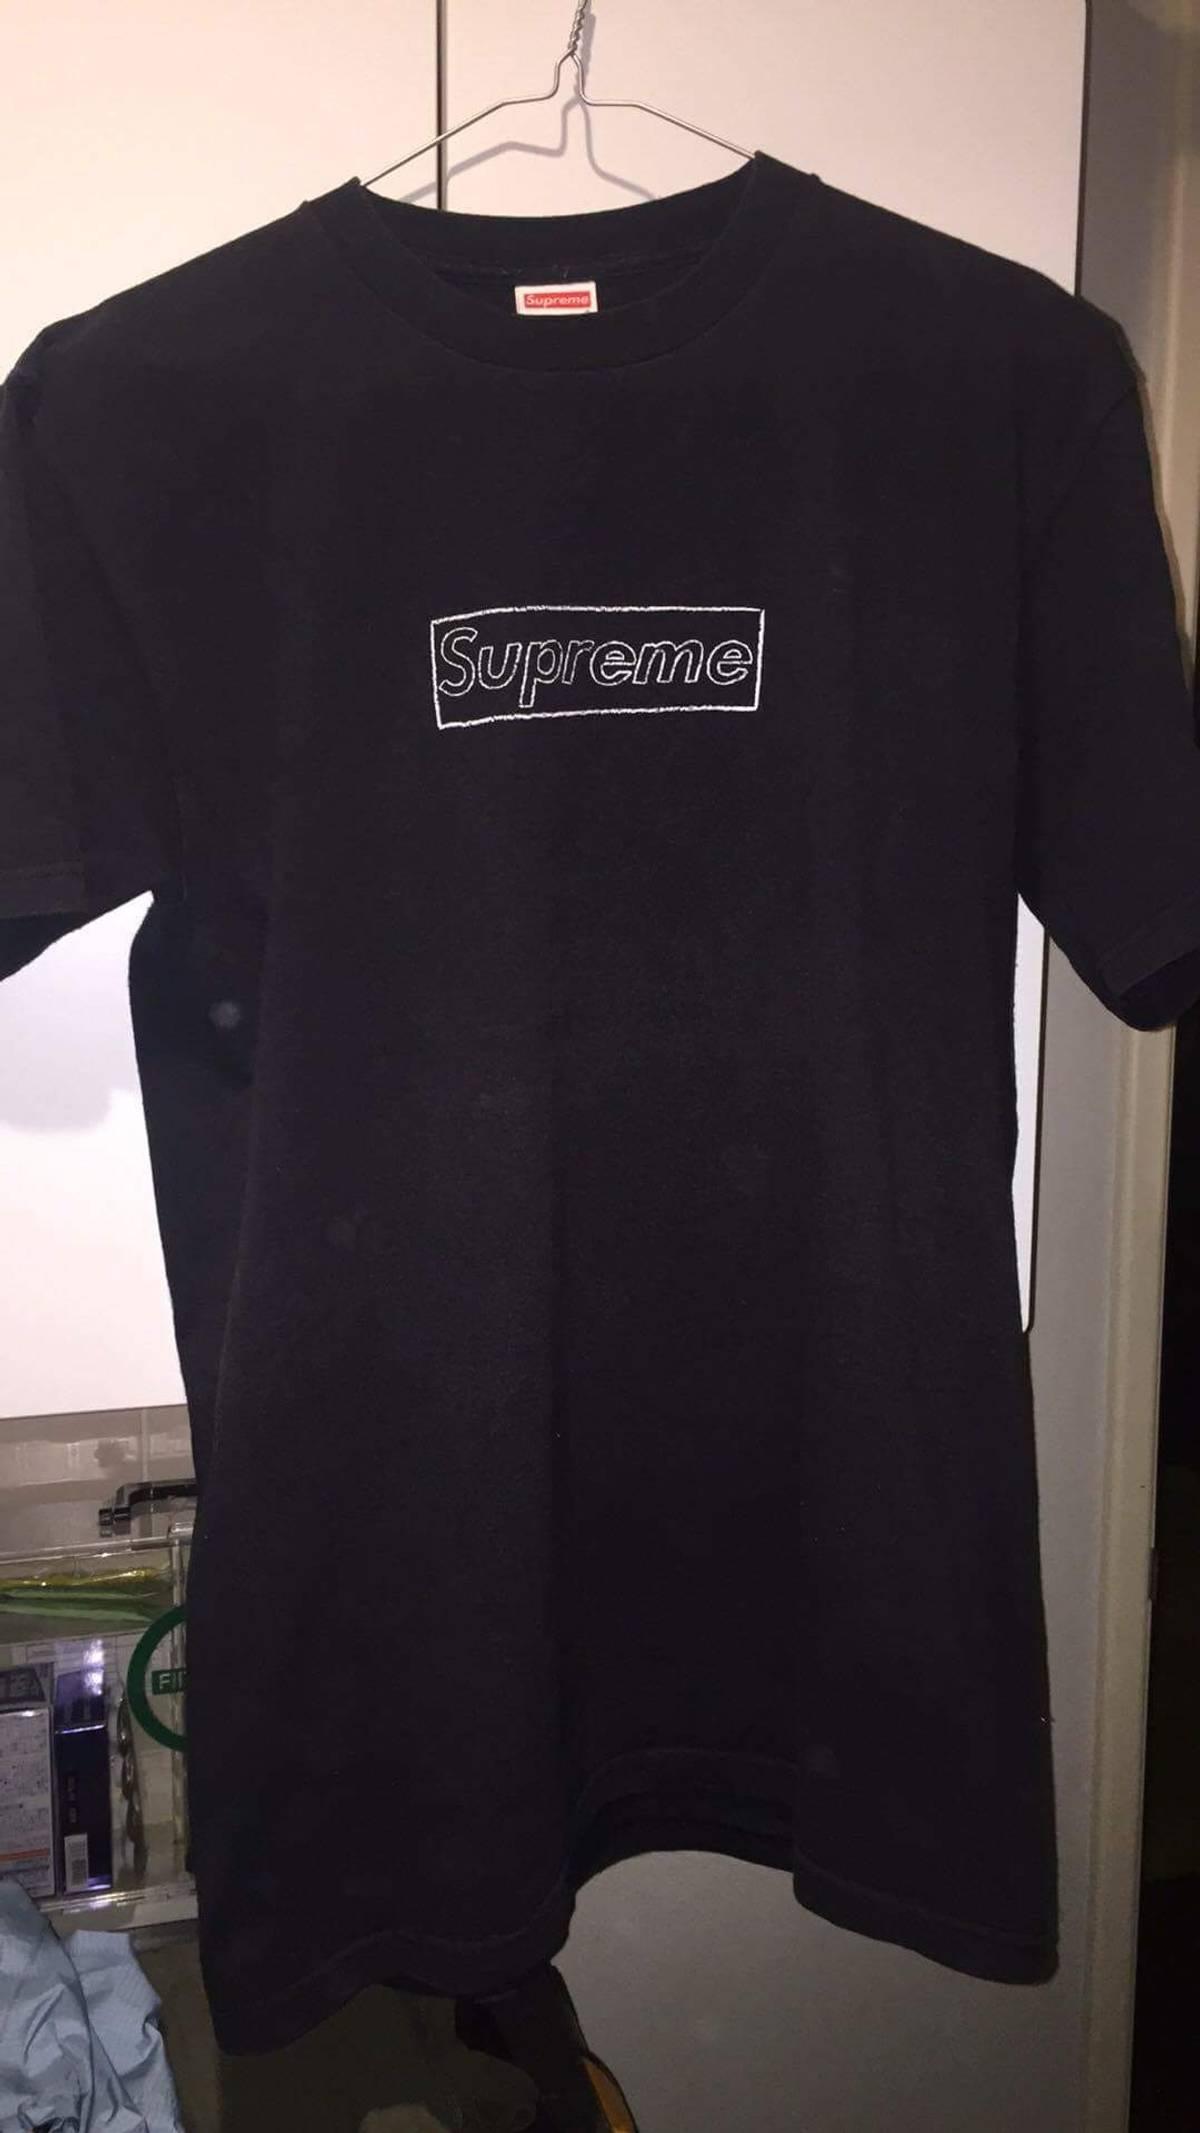 52473cb5caa7 Supreme × Kaws ×. Supreme x Kaws Box logo t shirt. Size  US M ...